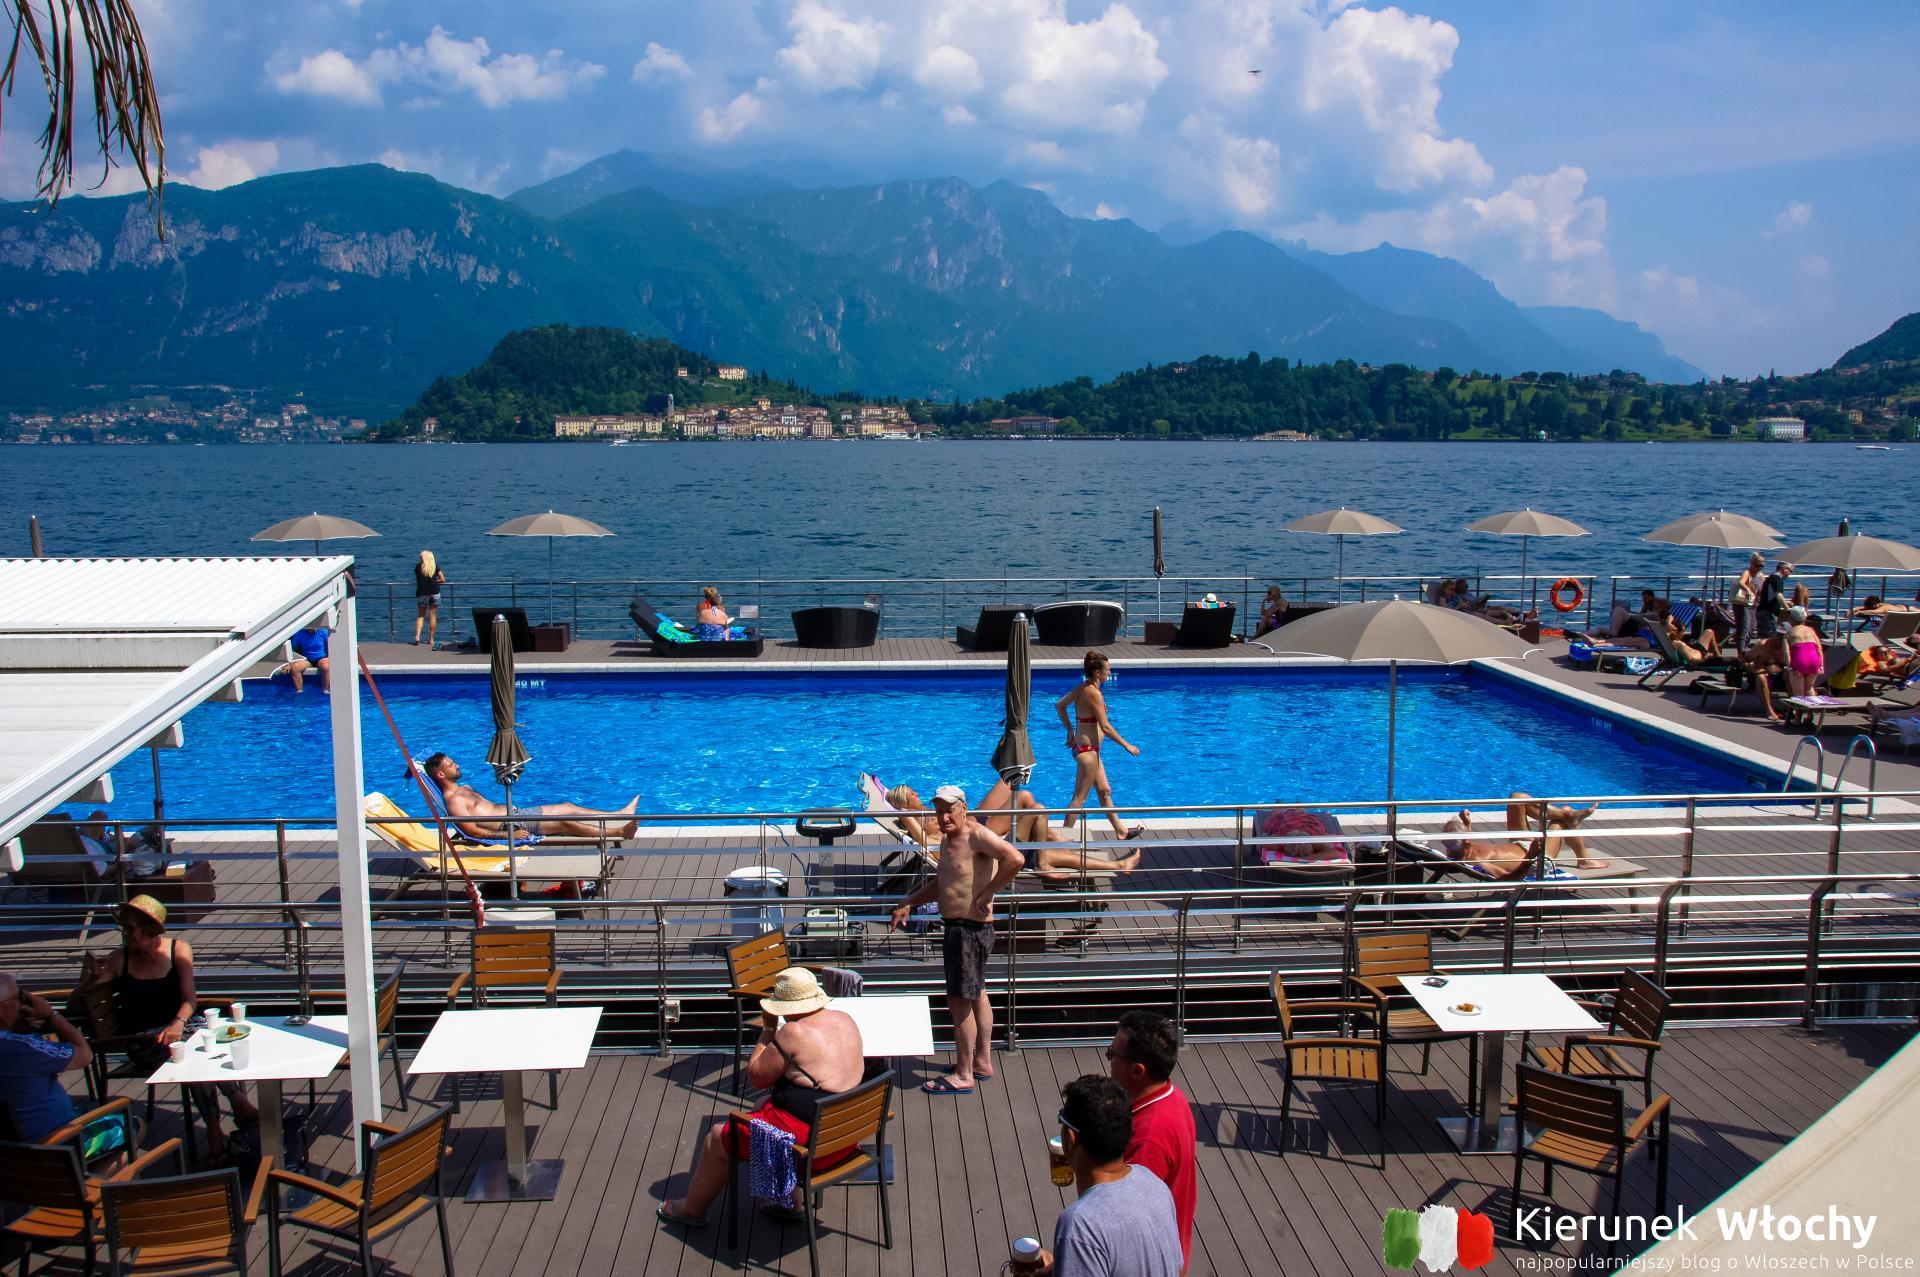 Griante - Cadenabbia, jezioro Como, Włochy (fot. Ł. Ropczyński, kierunekwlochy.pl)